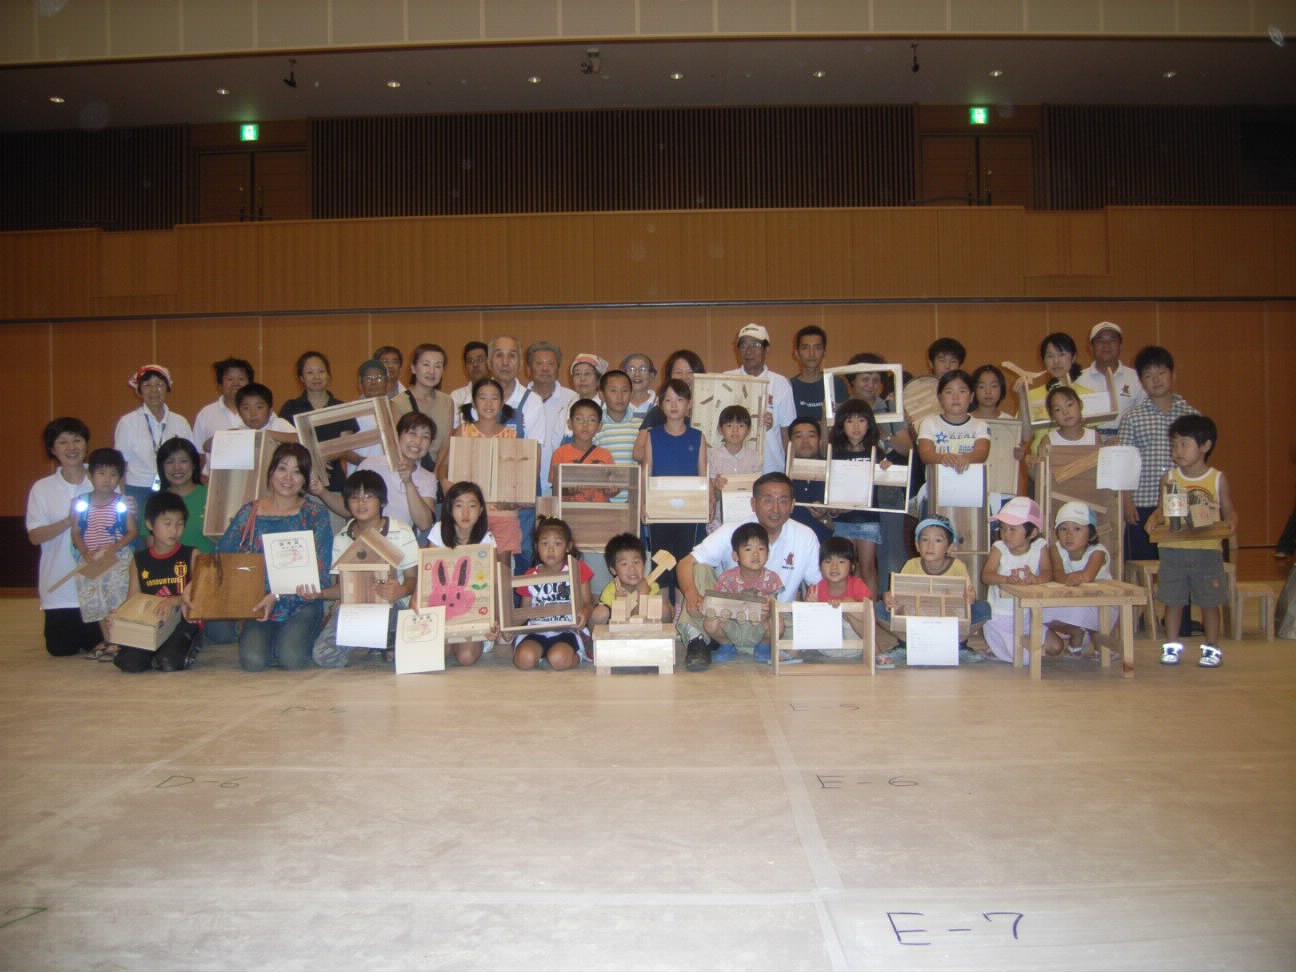 今年の夏休み子供工作教室 終わりました_f0052181_20274847.jpg